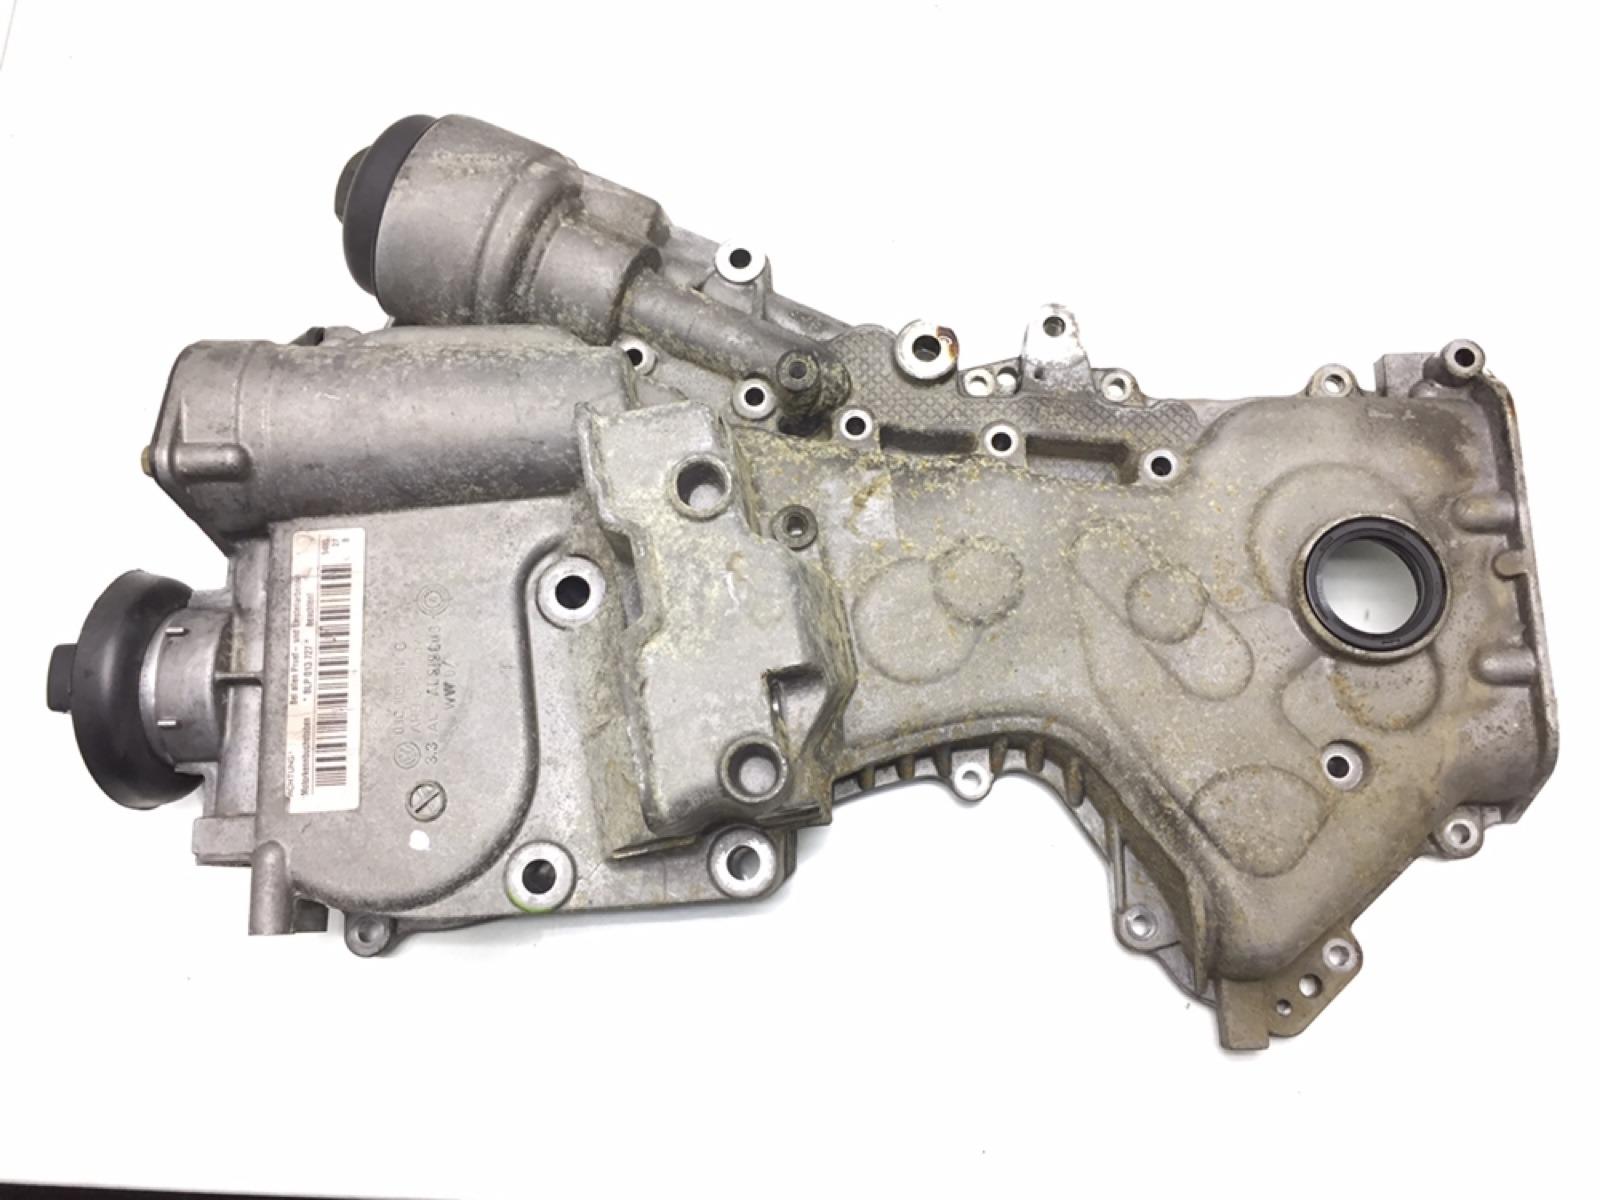 Крышка двигателя передняя Volkswagen Golf 5 1.6 I 2004 (б/у)